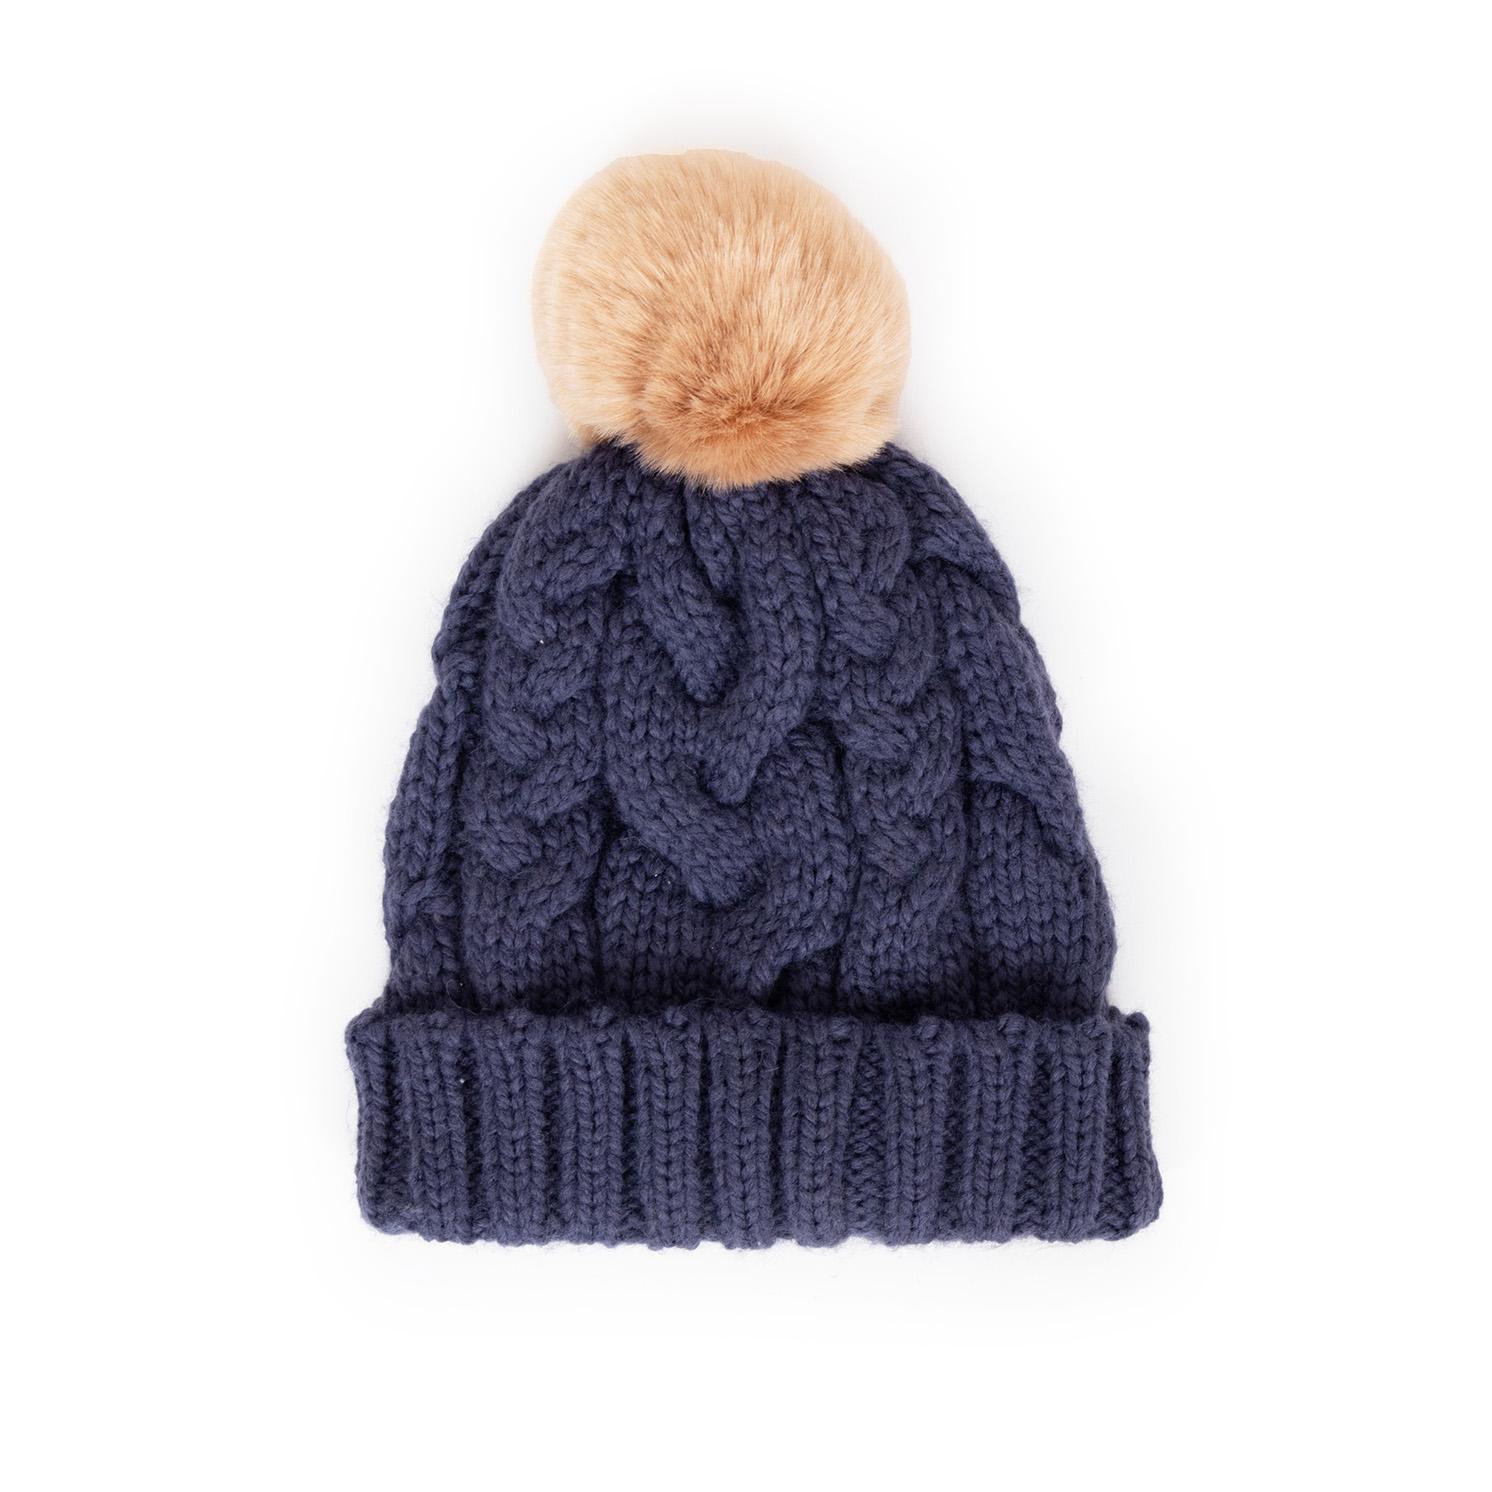 Powder – Charlotte Navy Blue Pom Pom Hat with Powder Presentation Gift Bag